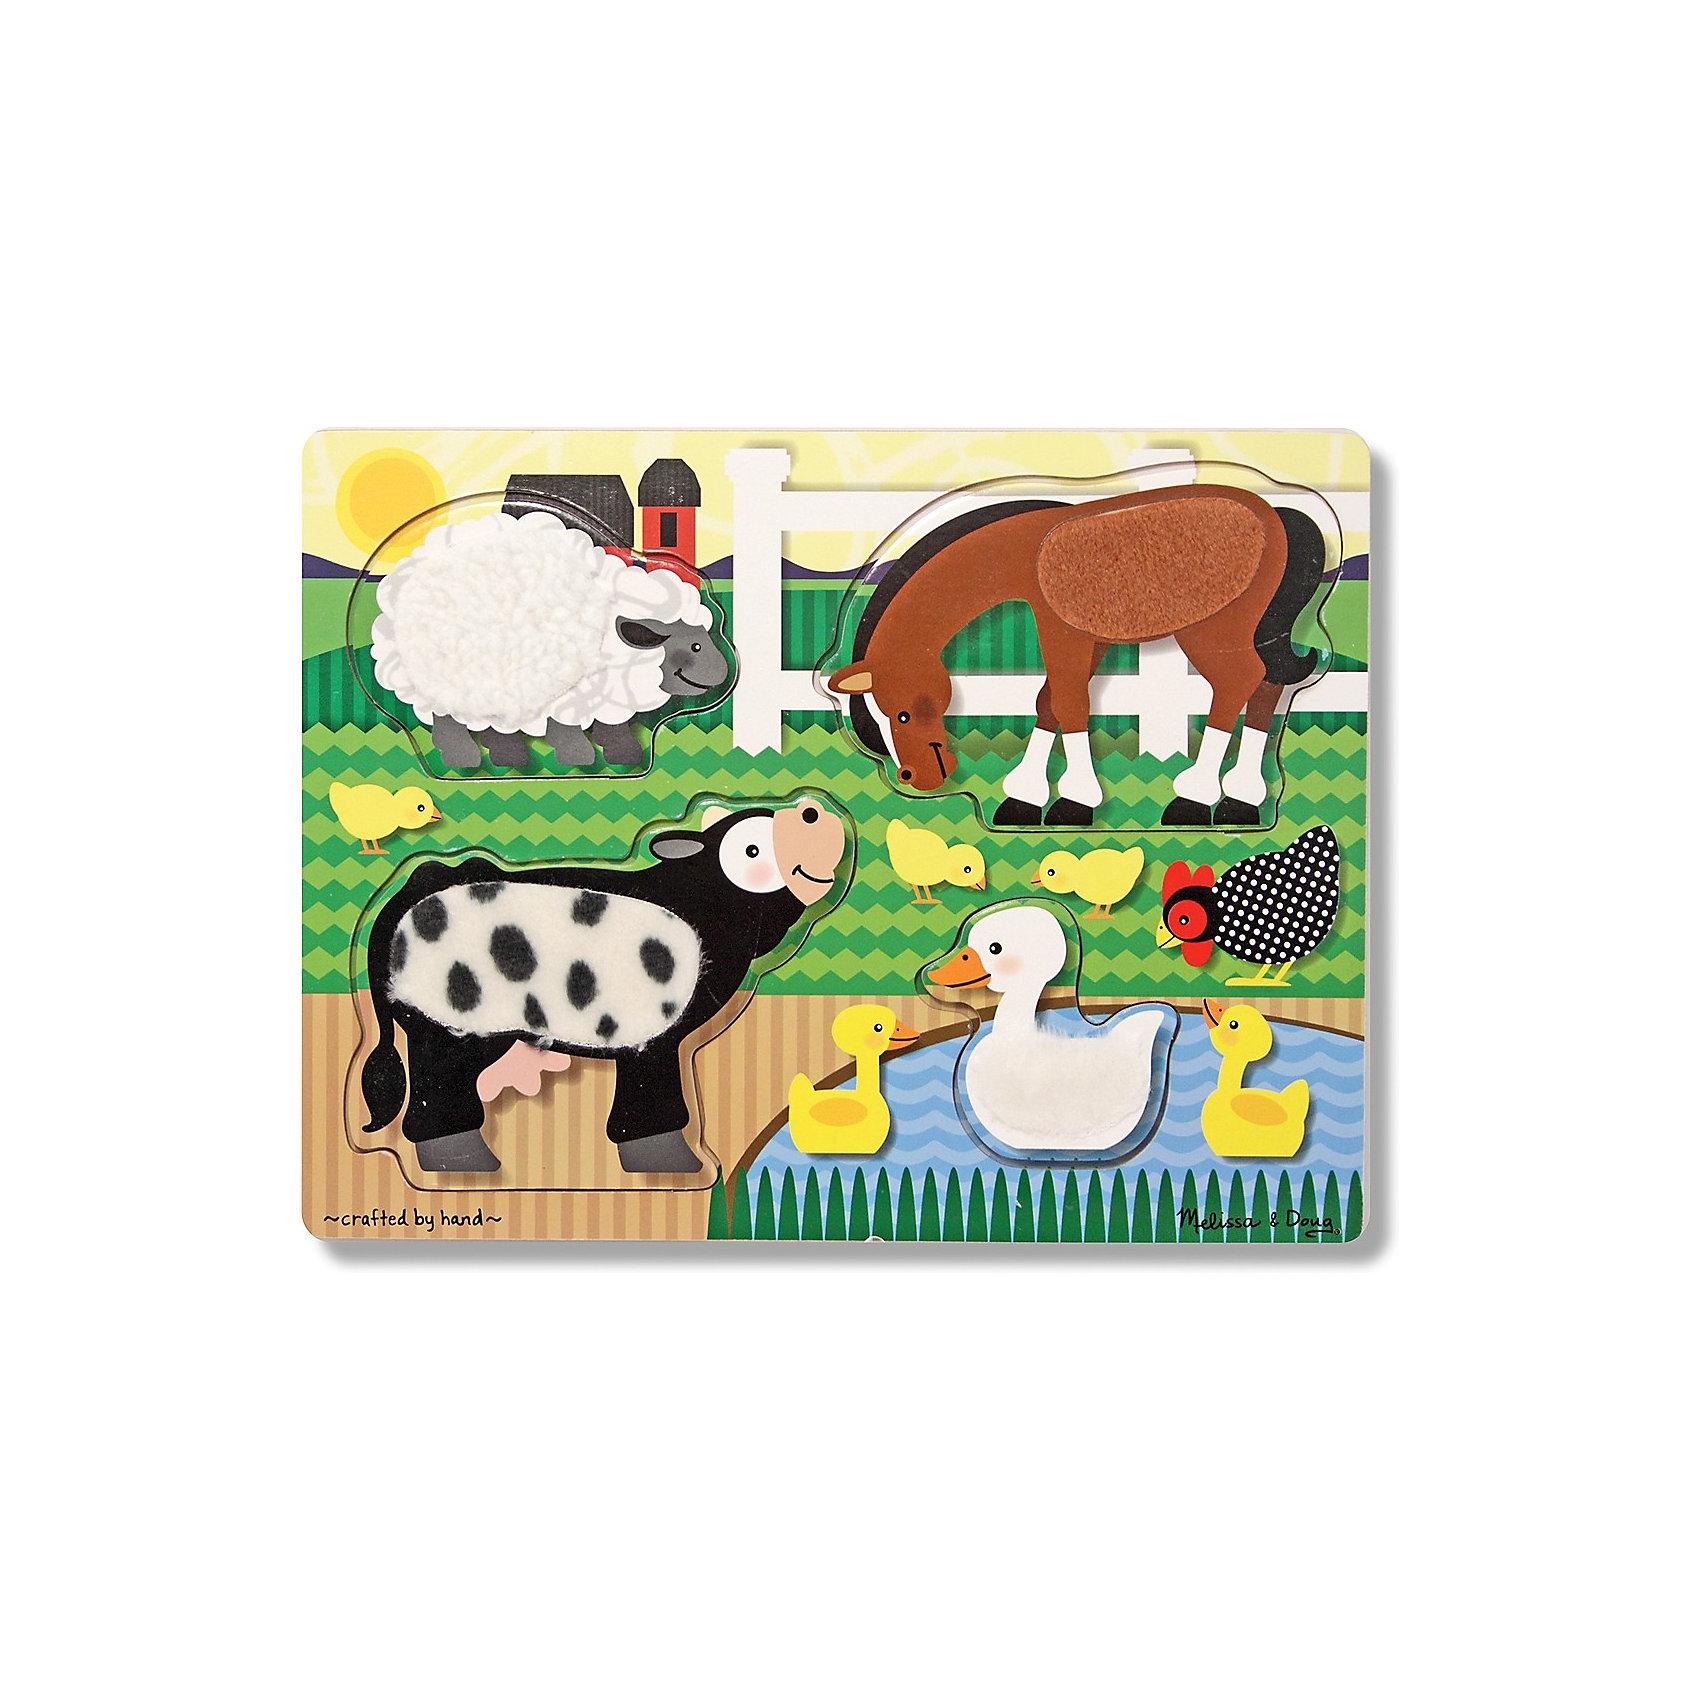 Melissa & Doug Рамка-вкладыш Ферма 4 детали, Melissa & Doug игрушка для животных каскад барабан с колокольчиком 4 х 4 х 4 см